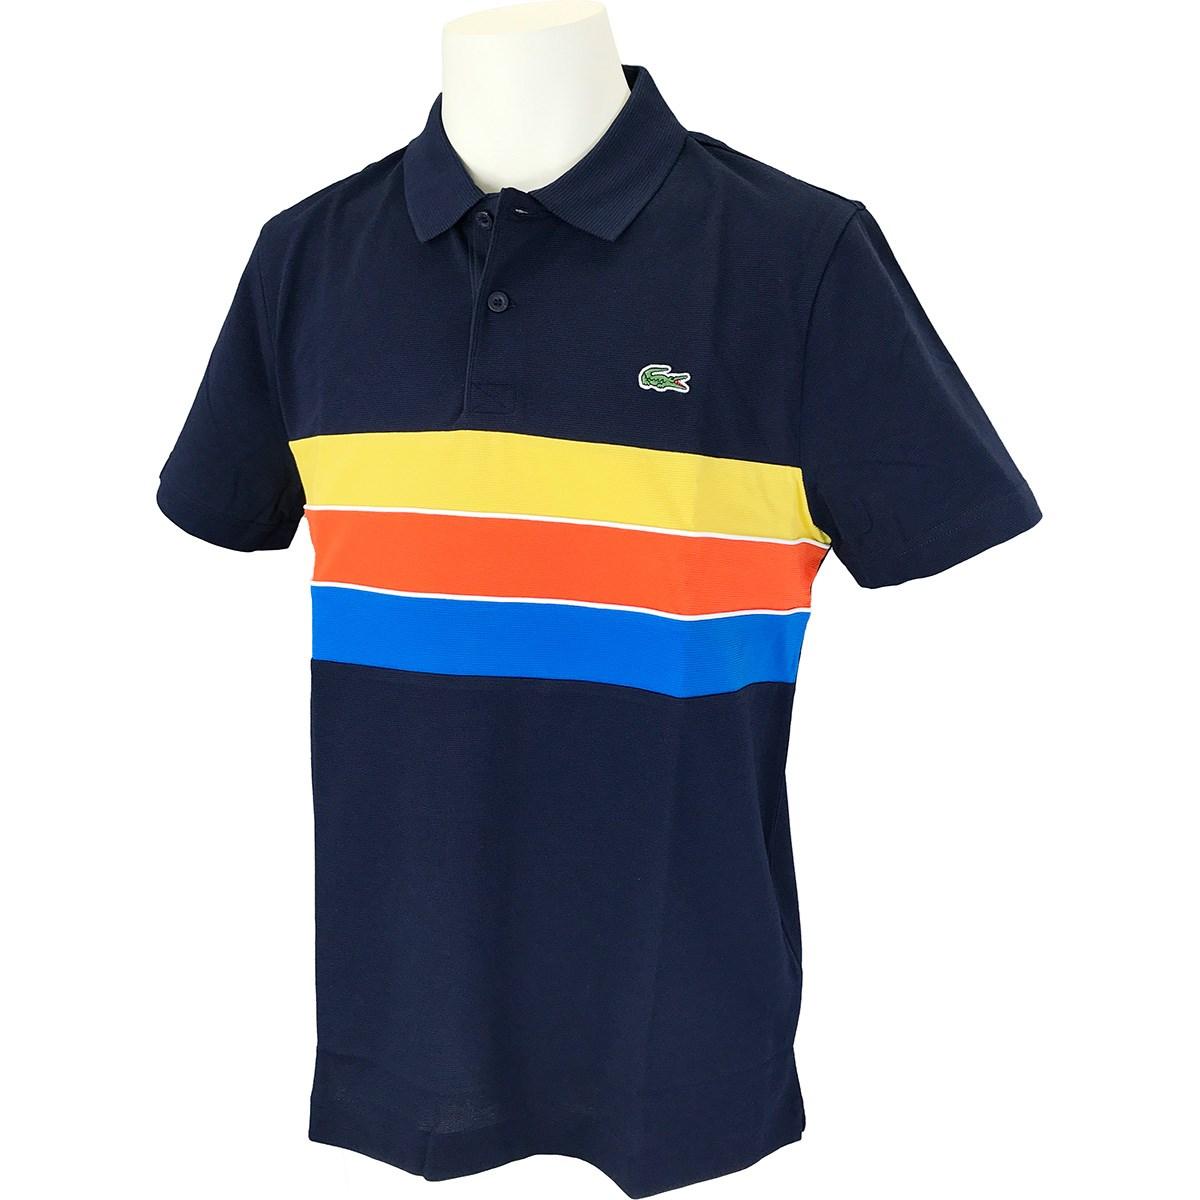 ラコステ ドライコットンボーダーパネル 半袖ポロシャツ